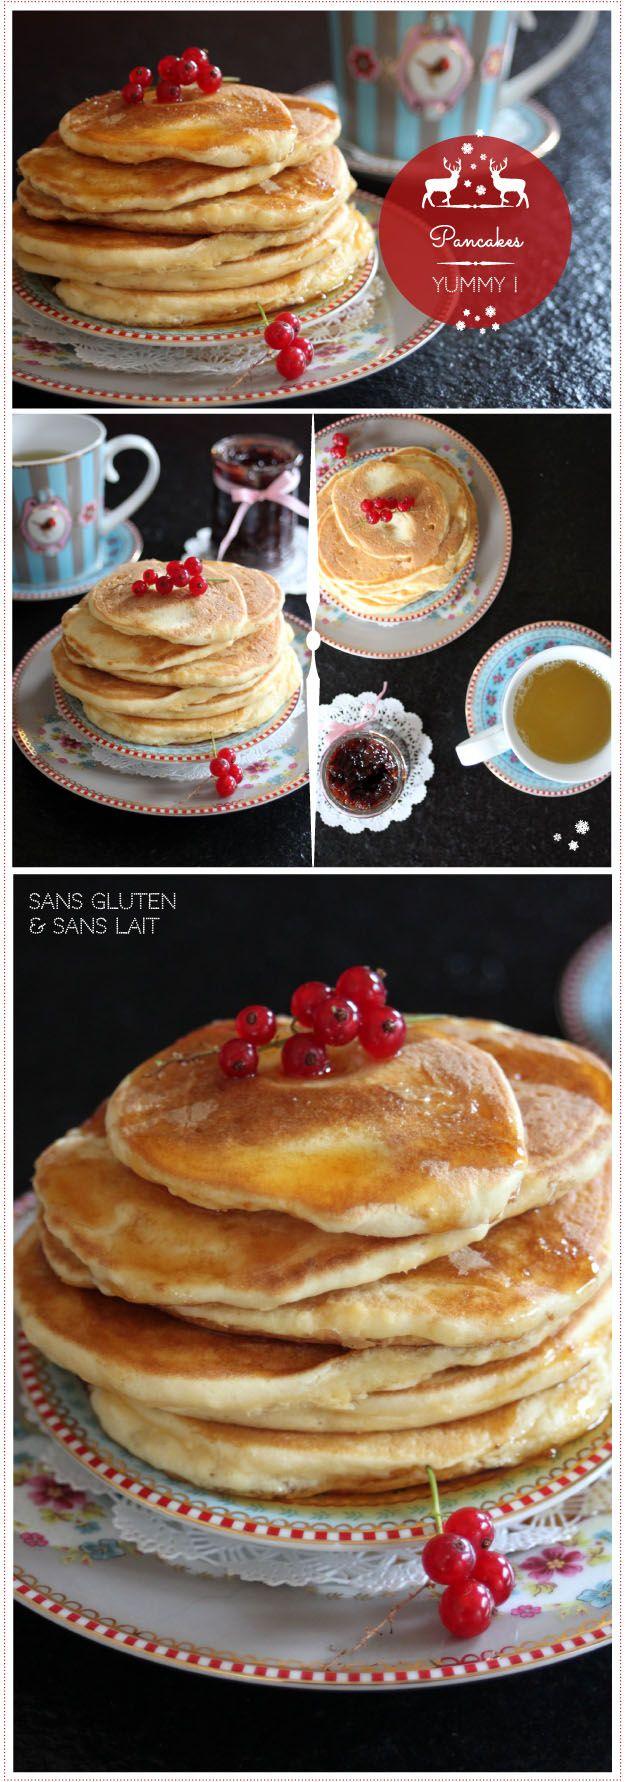 Recette Sans Gluten Marmiton Meilleur De Images 22 Best Sans Gluten Images On Pinterest